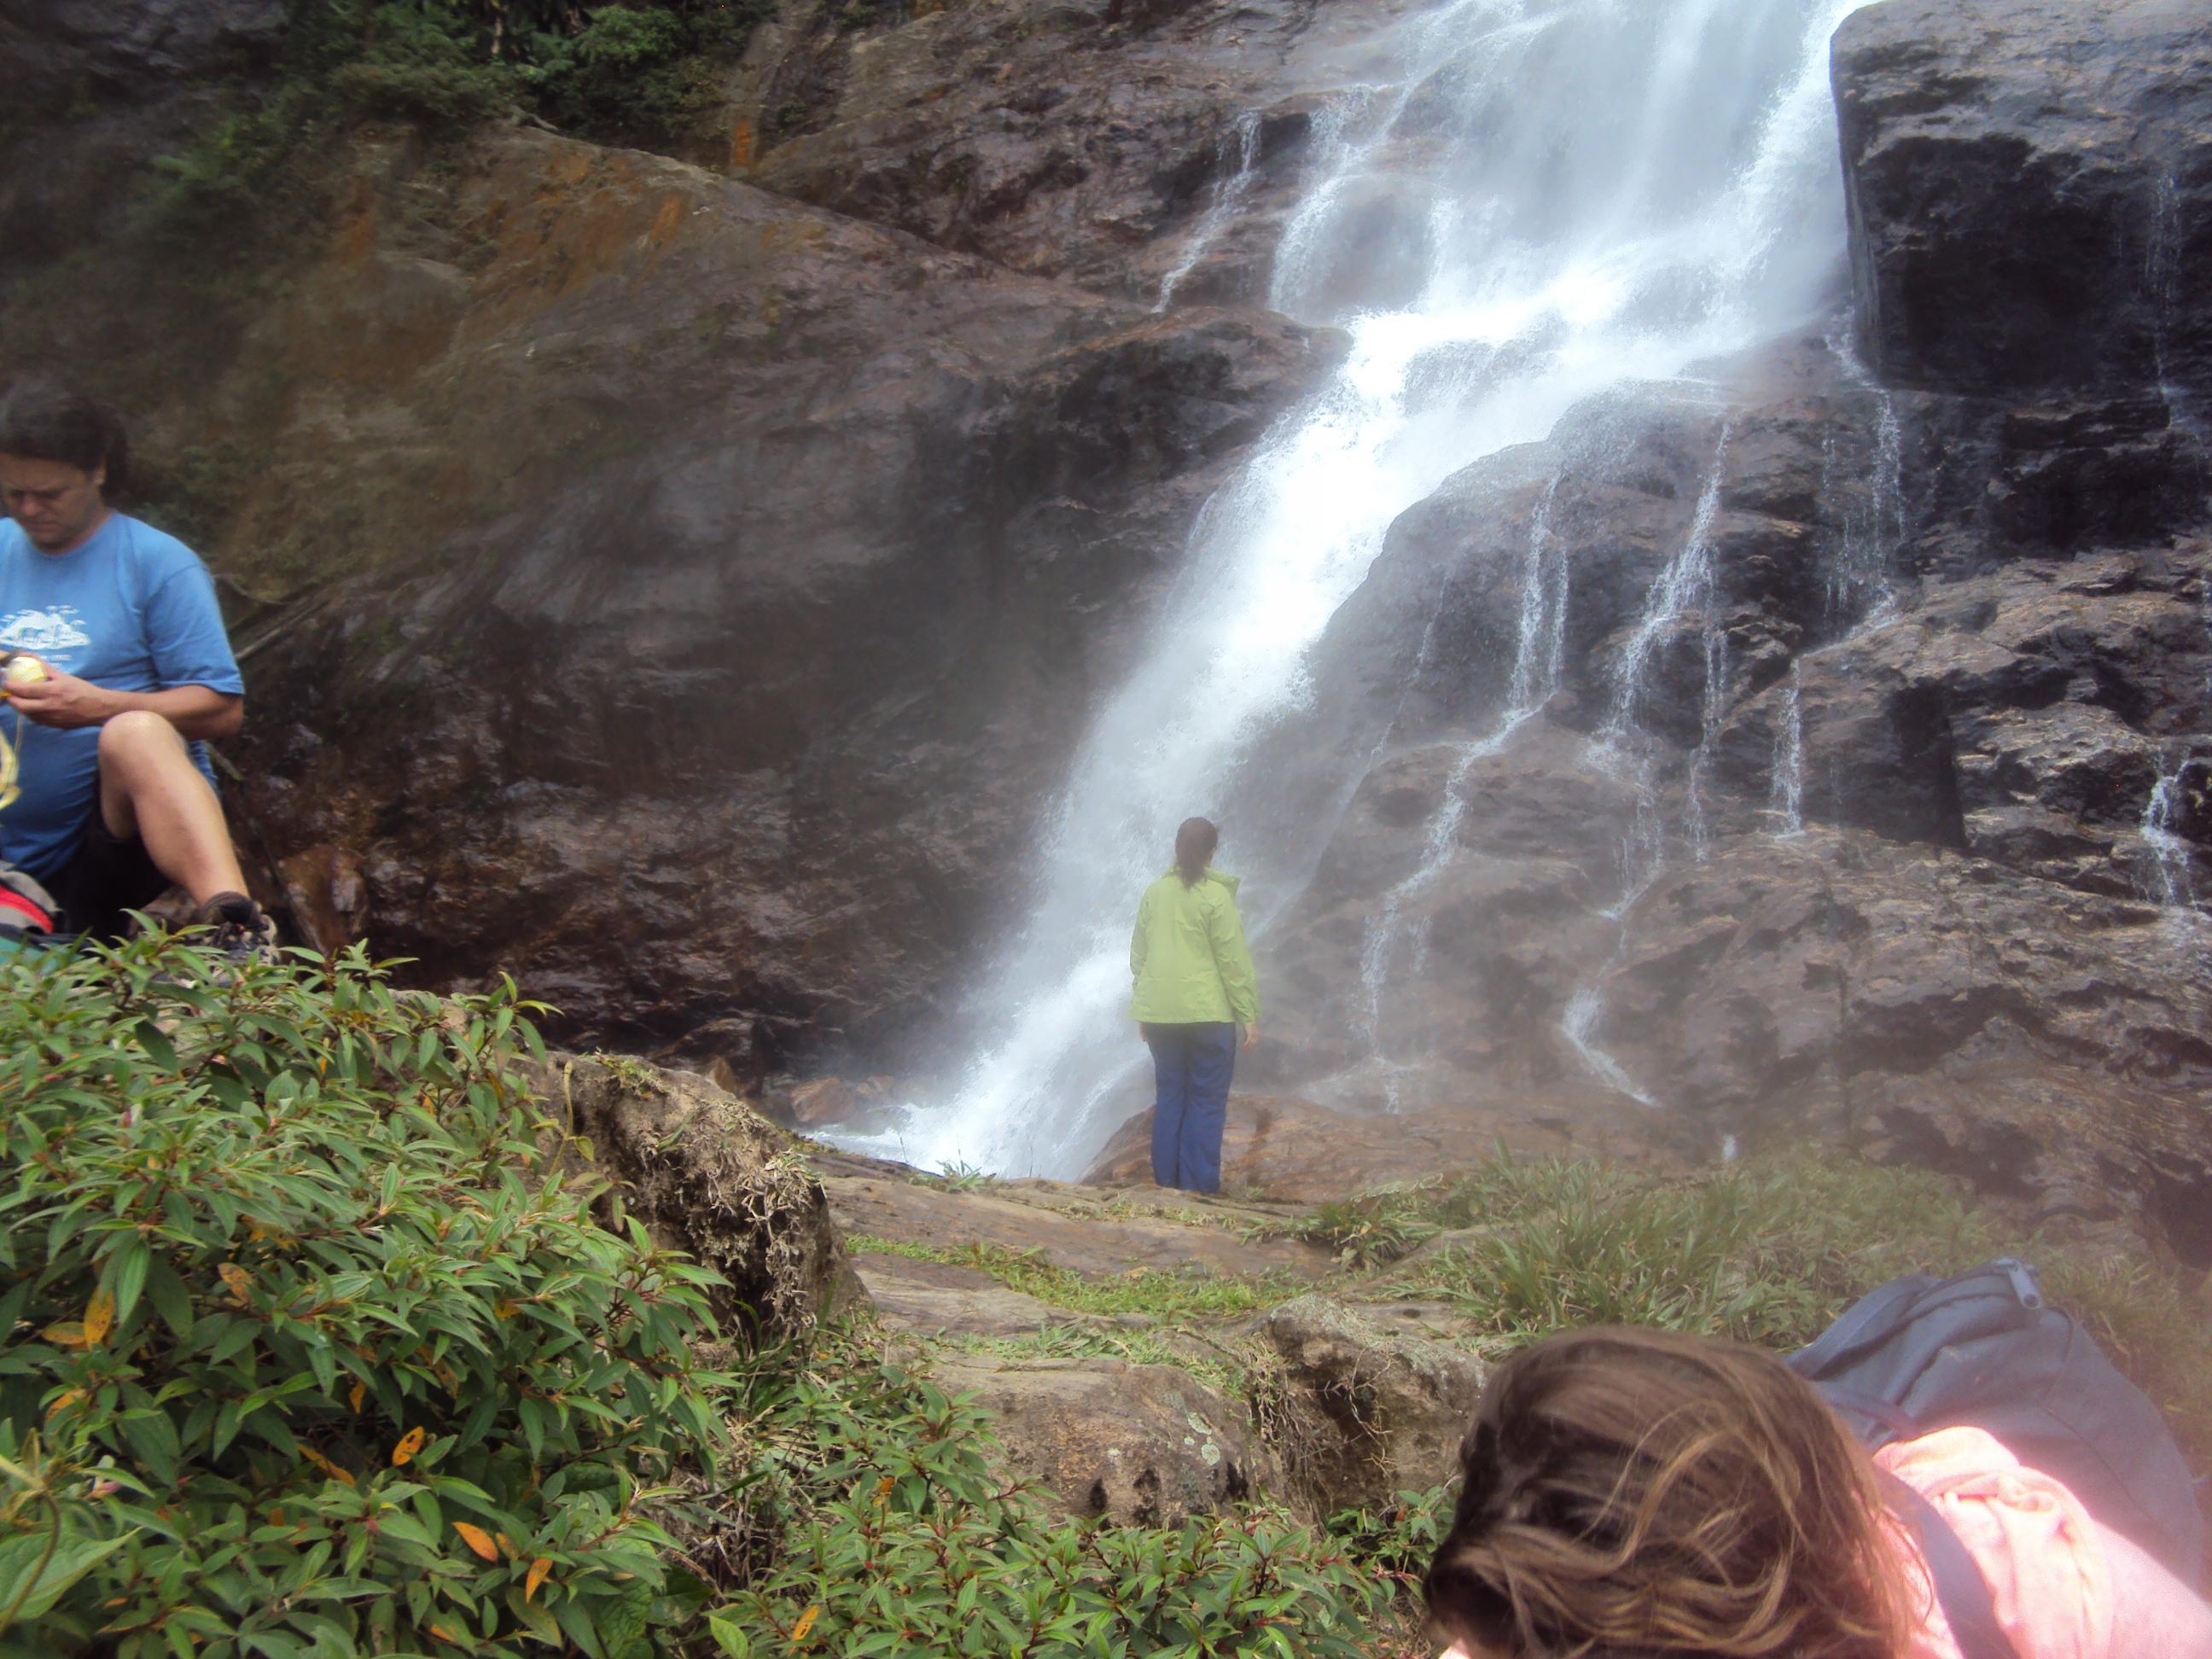 Vale das cachoeiras novembro 2014 054.jpg